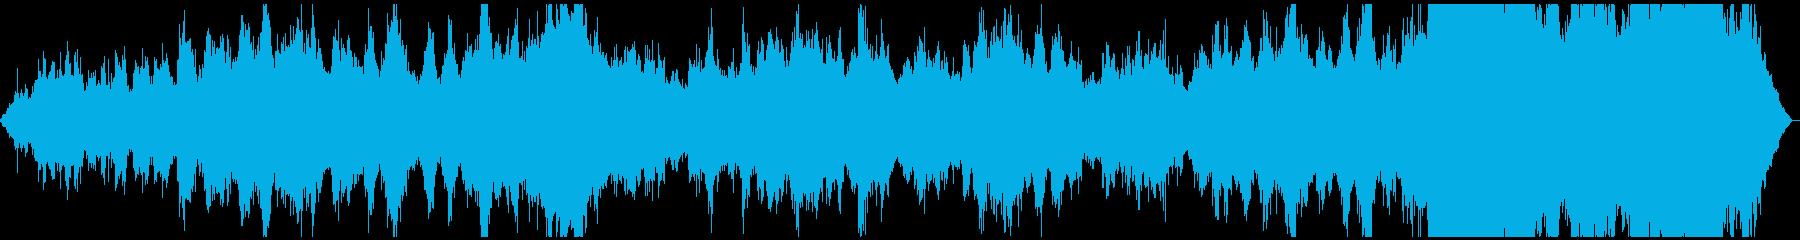 フルートとエコーおよびクリスタルク...の再生済みの波形